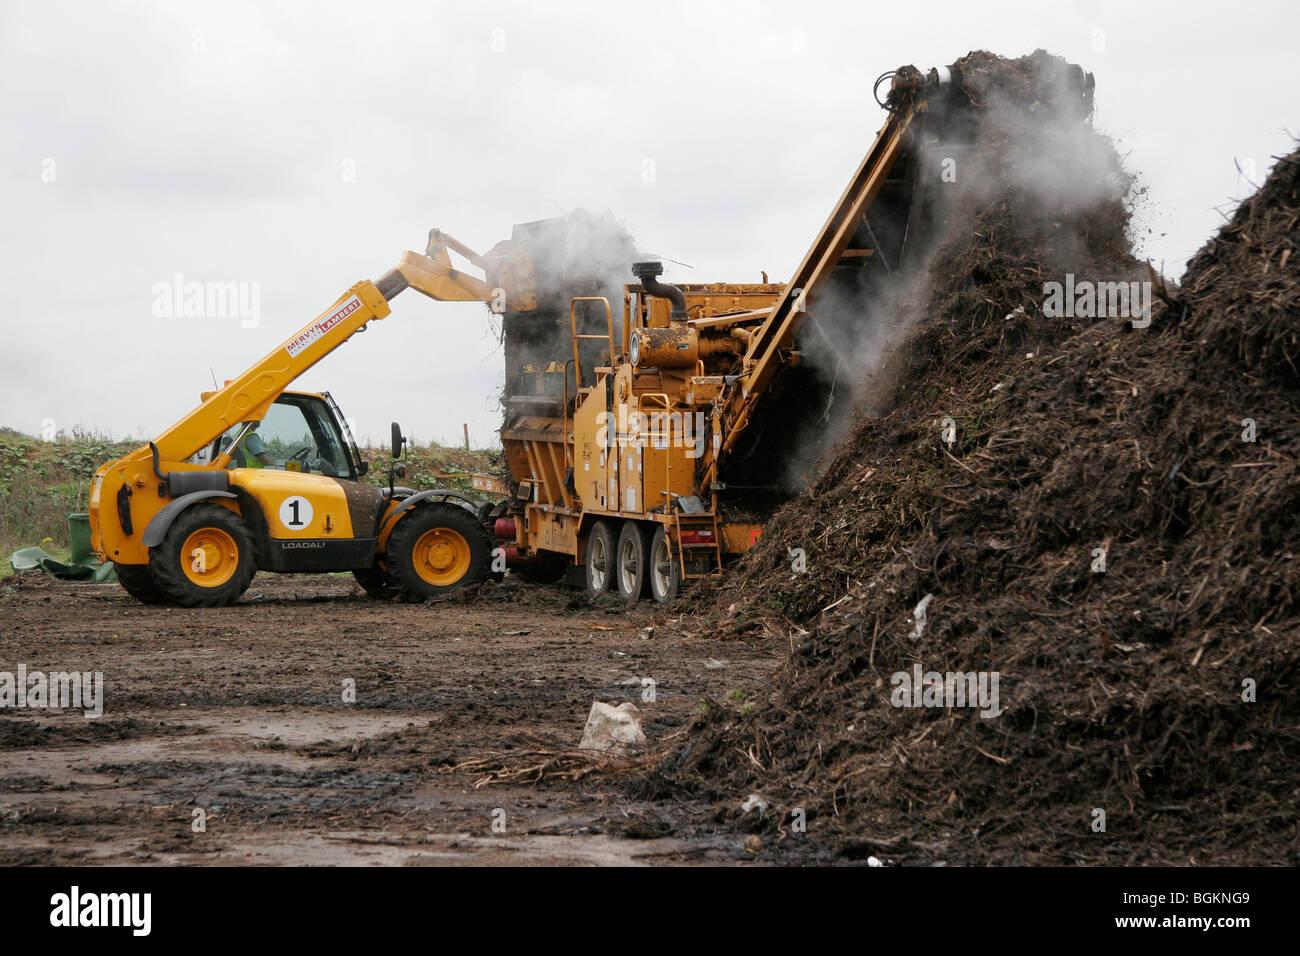 Jardín de reciclaje de desechos en abono para ser usado sobre las tierras agrícolas Imagen De Stock